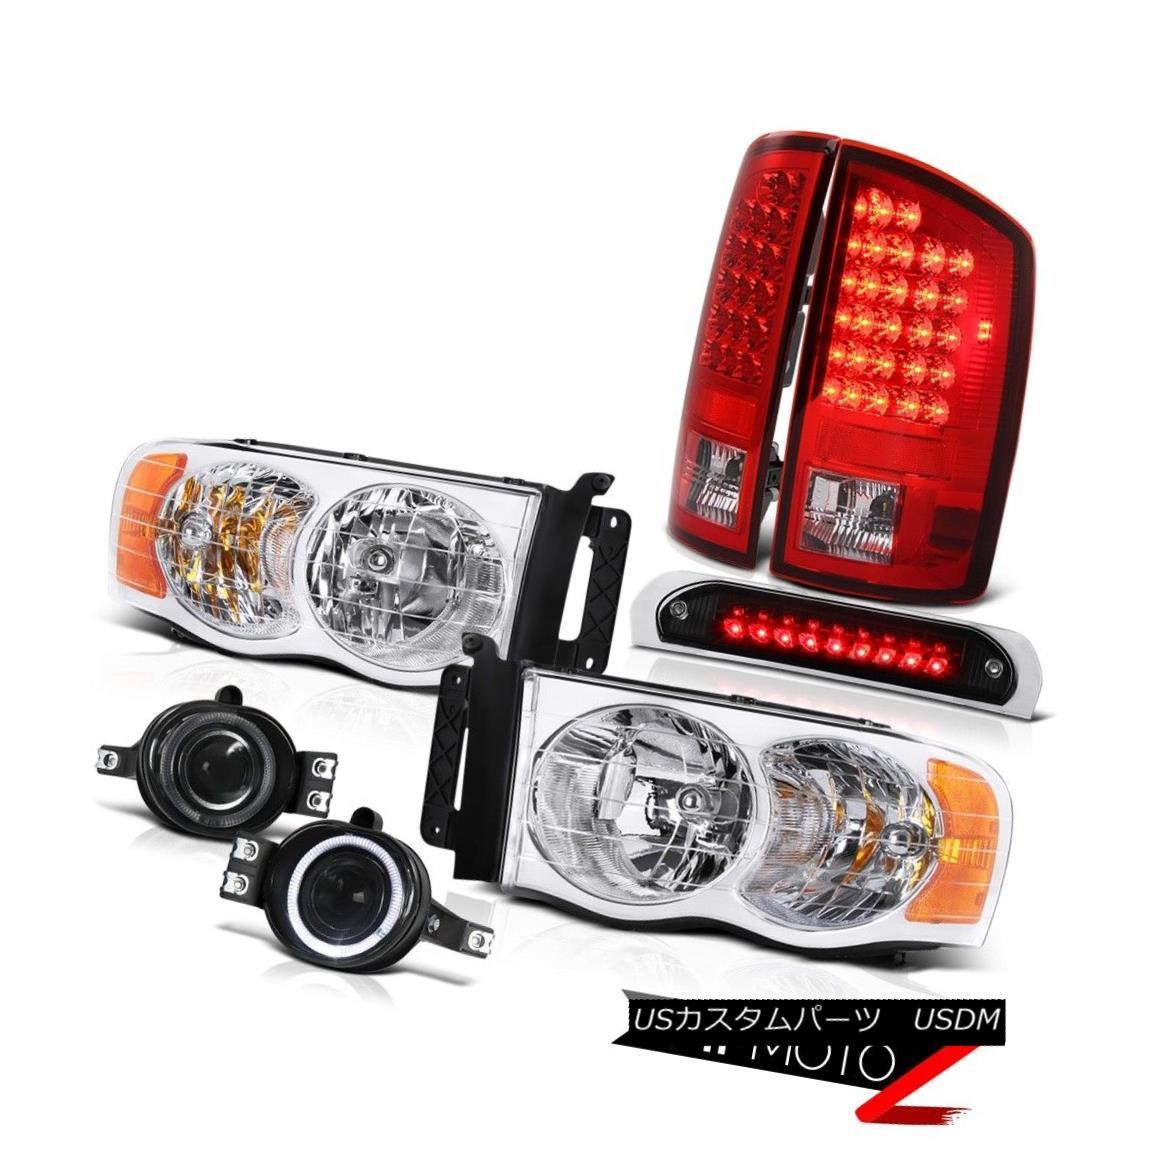 テールライト 2002-2005 Dodge Ram Headlamp Red LED Tail Light Driving Fog Roof Stop Black 2002-2005ダッジラムヘッドランプレッドLEDテールライトドライビングフォグルーフストップブラック